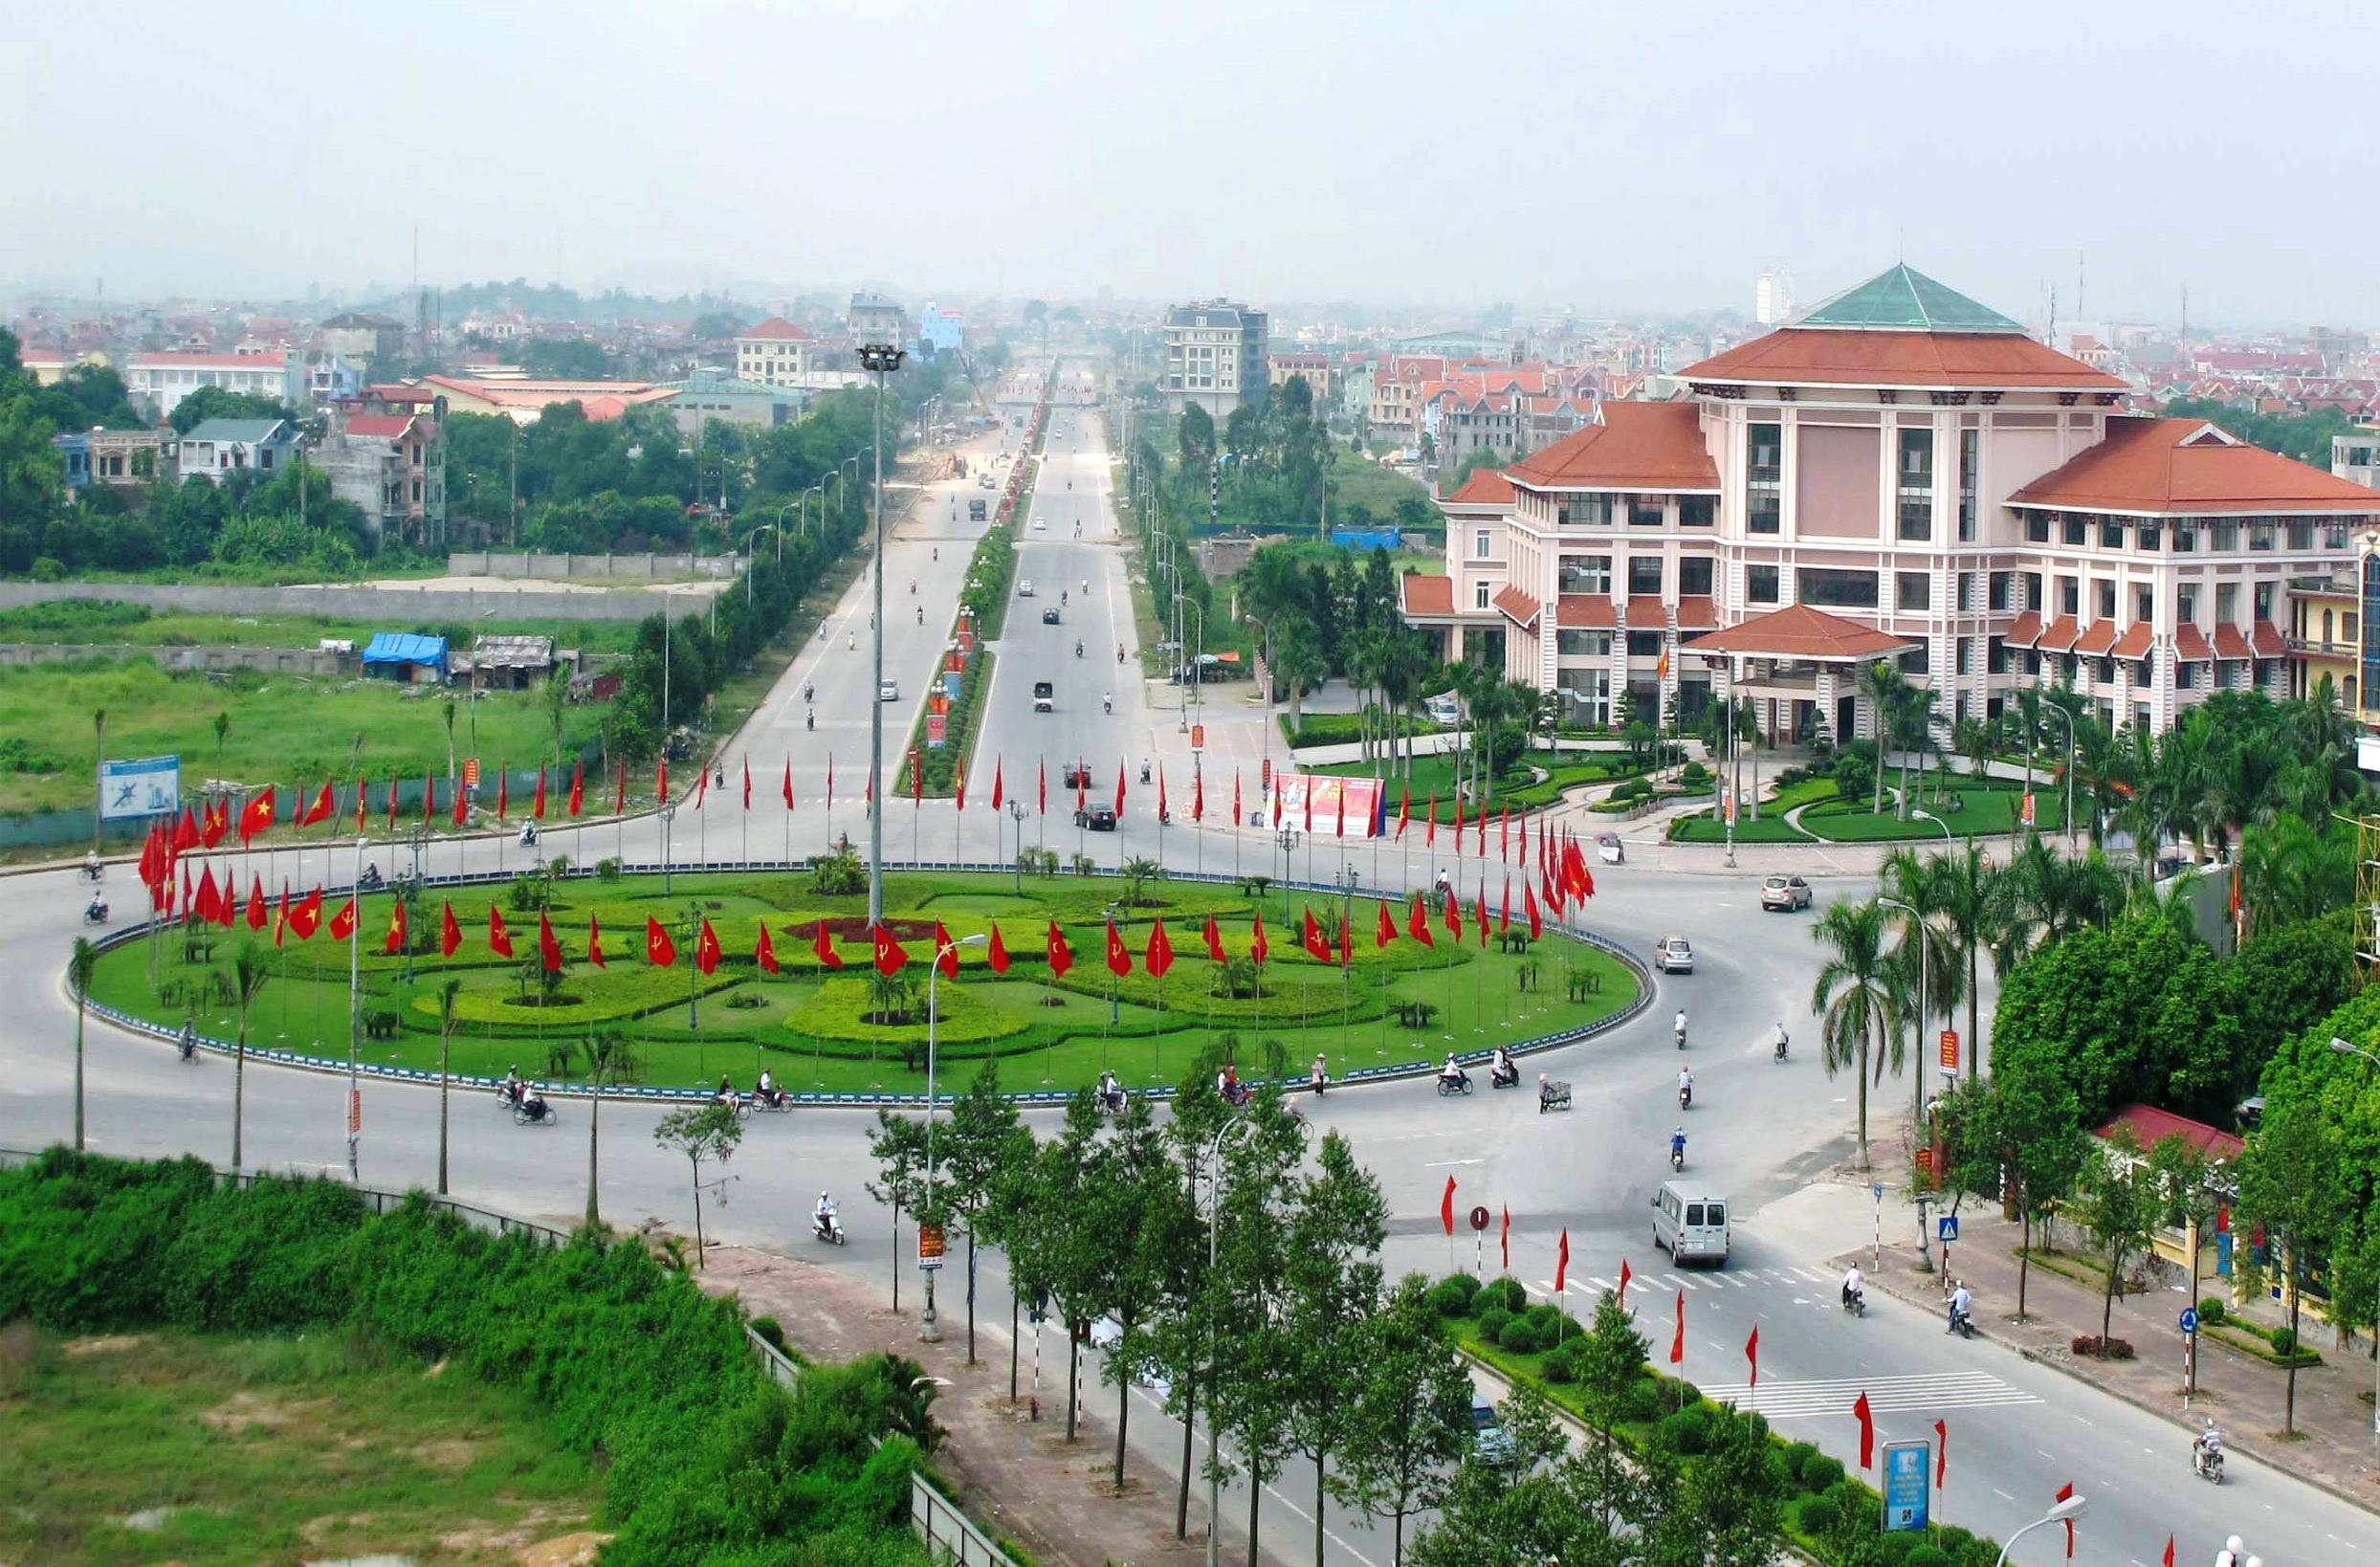 Bắc Ninh sắp có thêm khu đô thị  300ha bac ninh sap co them khu do thi 300ha 1576229845